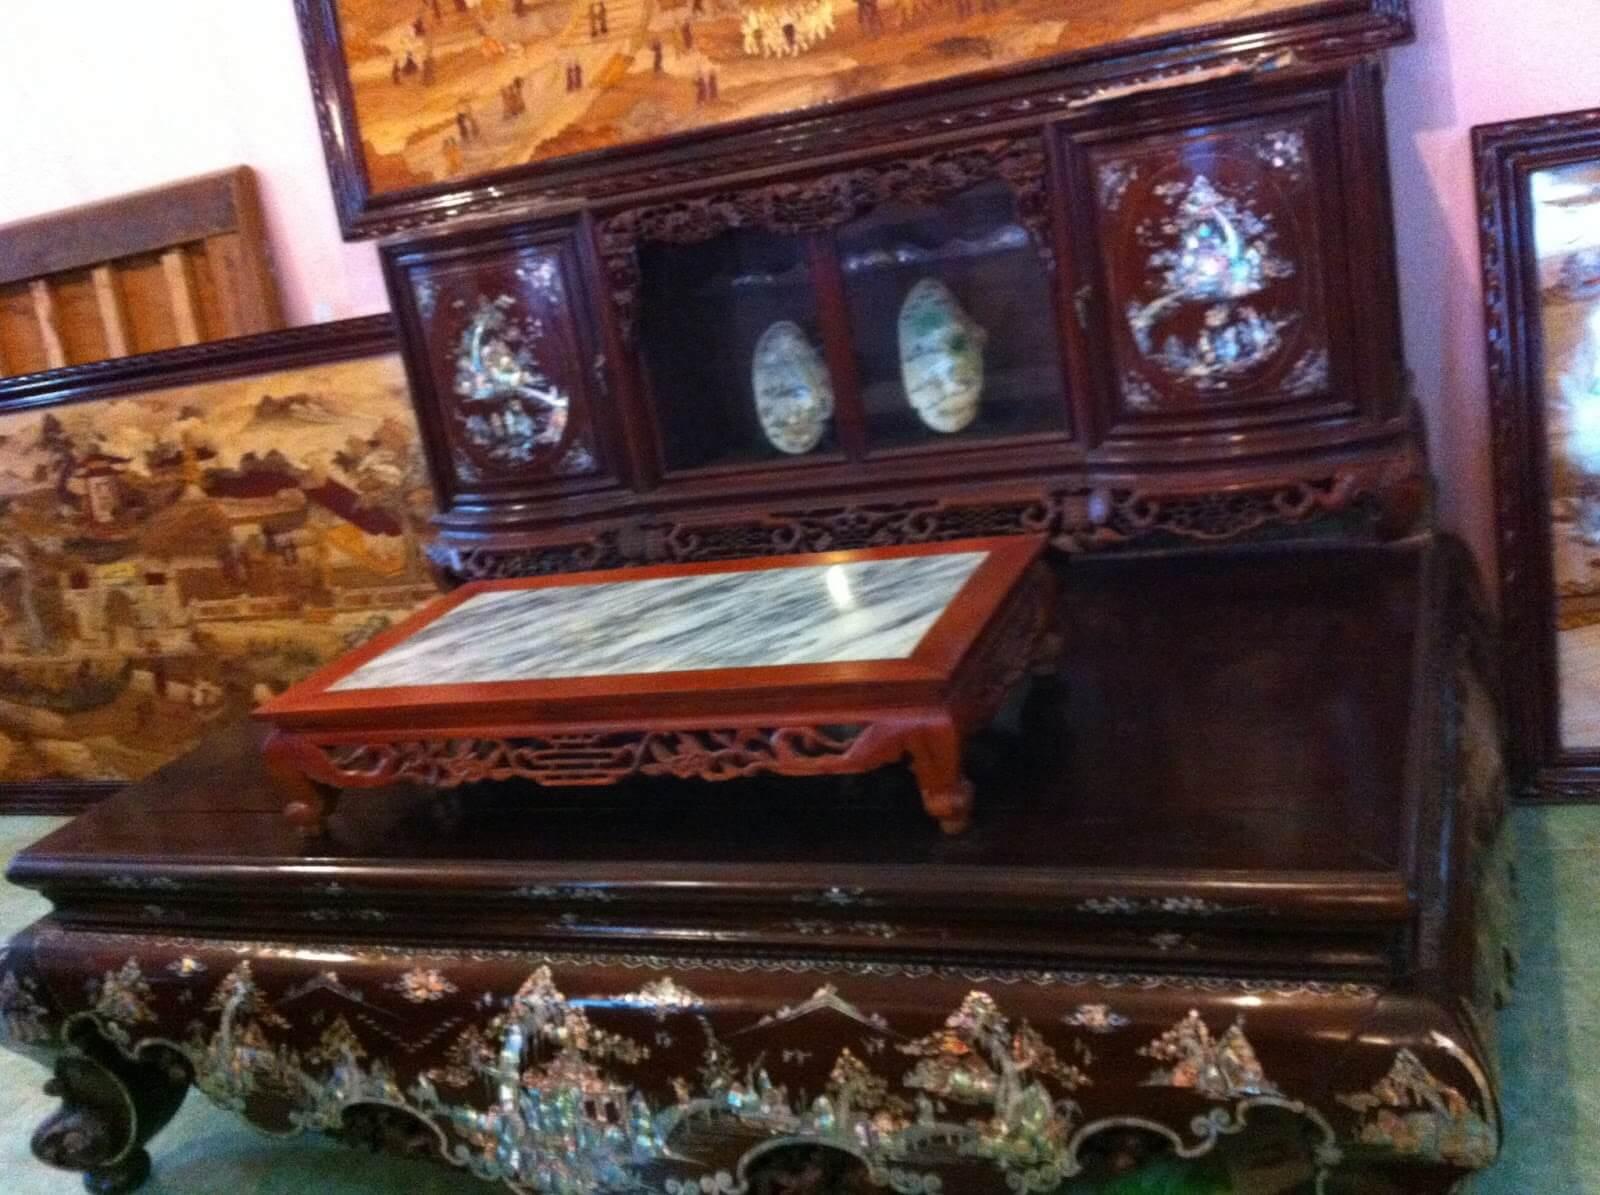 Dịch vụ bảo trì sơn lại tủ gỗ uy tín tại Hà Nội